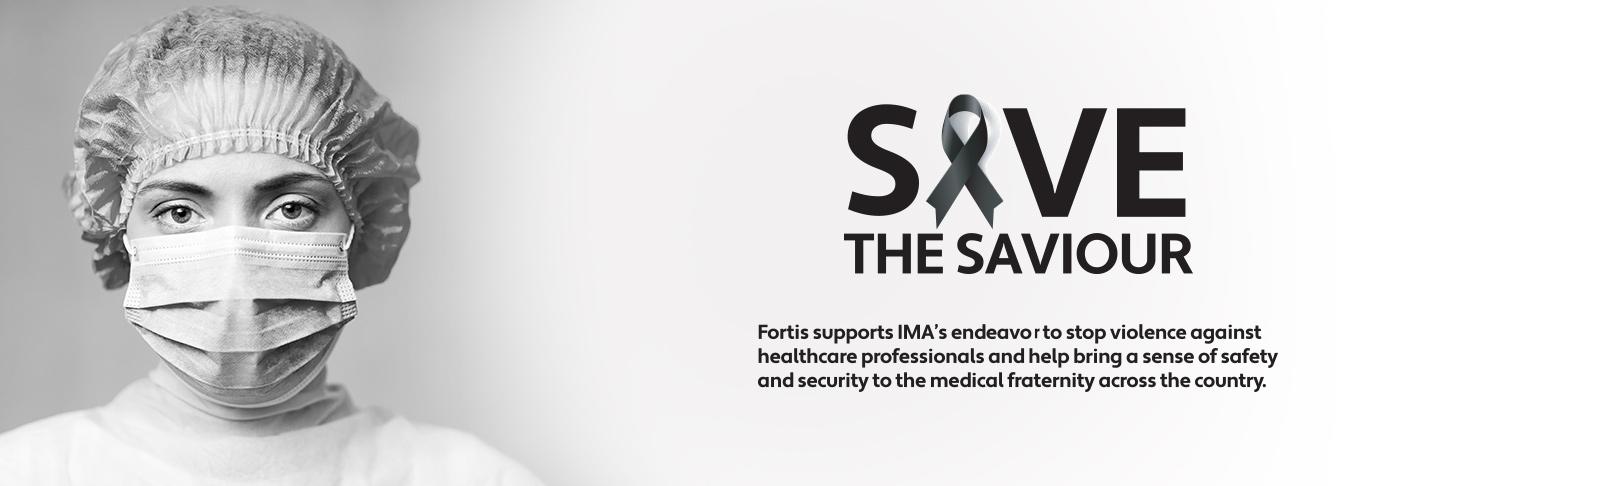 Fortis Mumbai - Save the Saviour